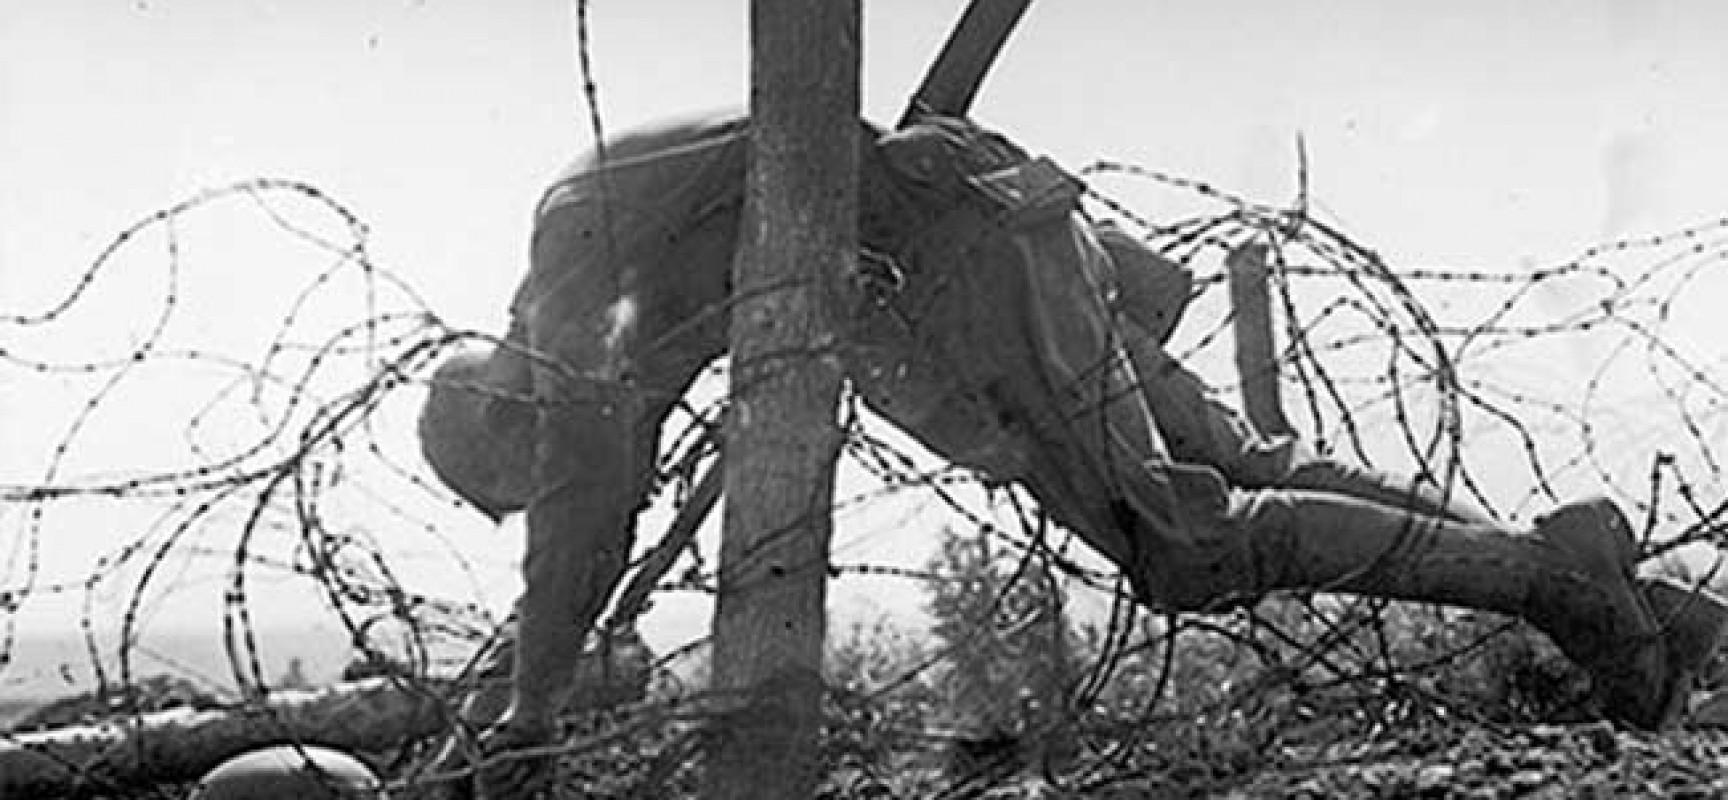 soldat-americain-1ere-guerre-mondiale-1728x800_c